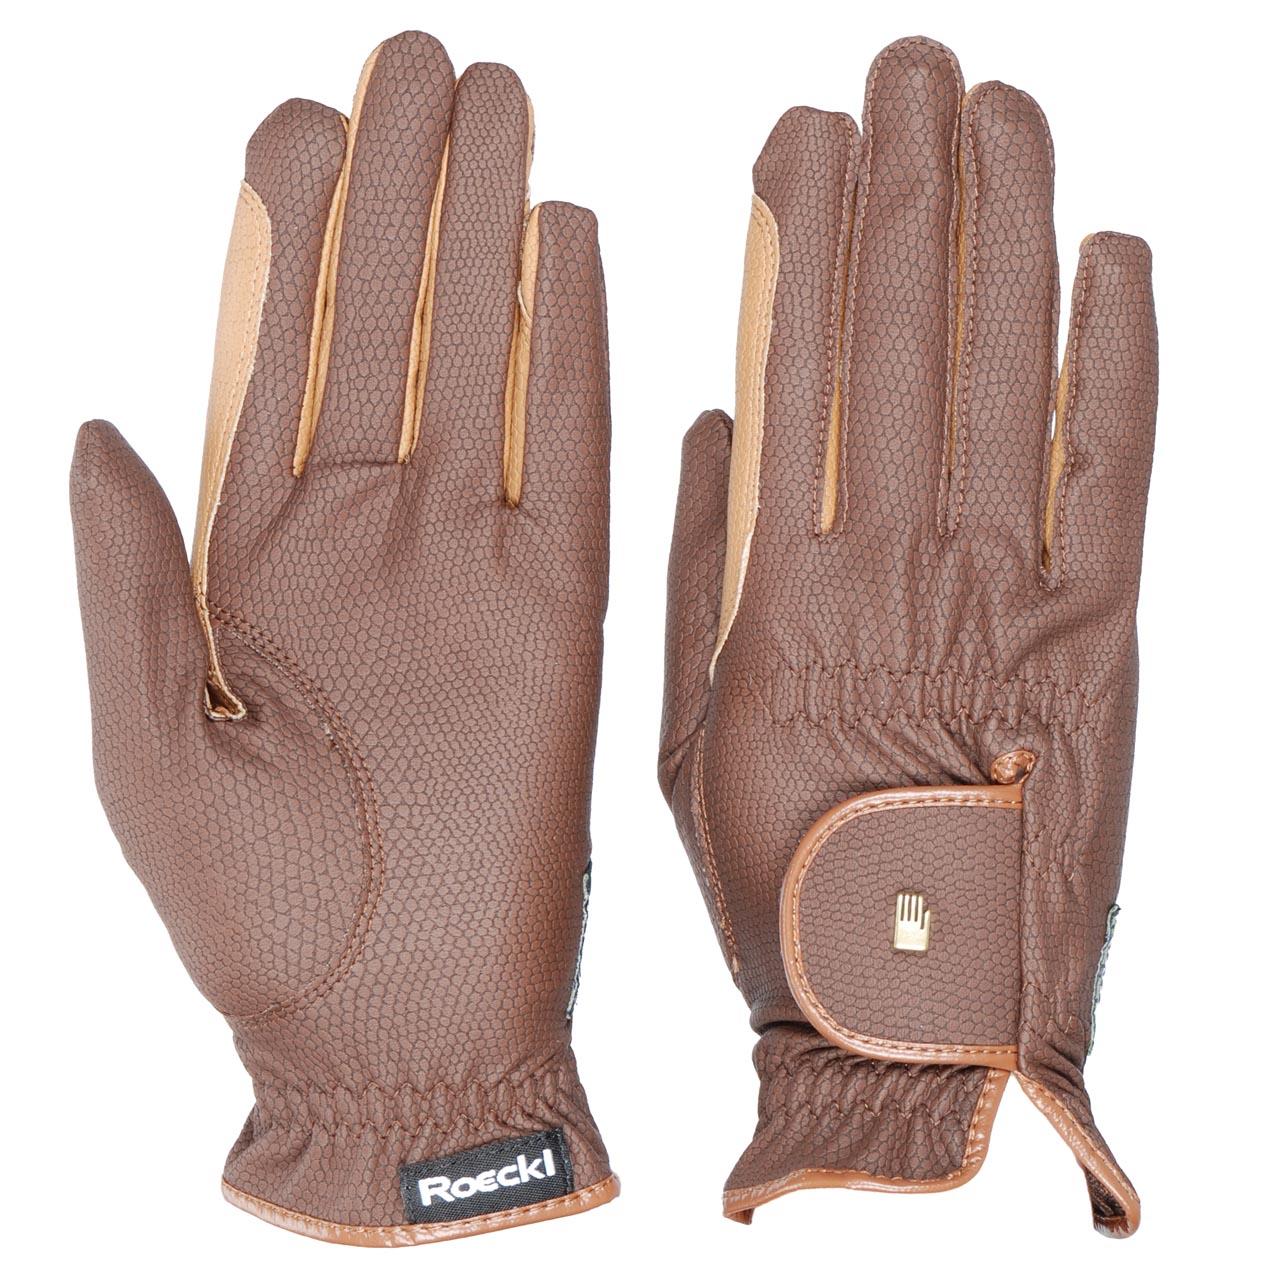 Roeckl Malta grip handschoen bruin maat:7